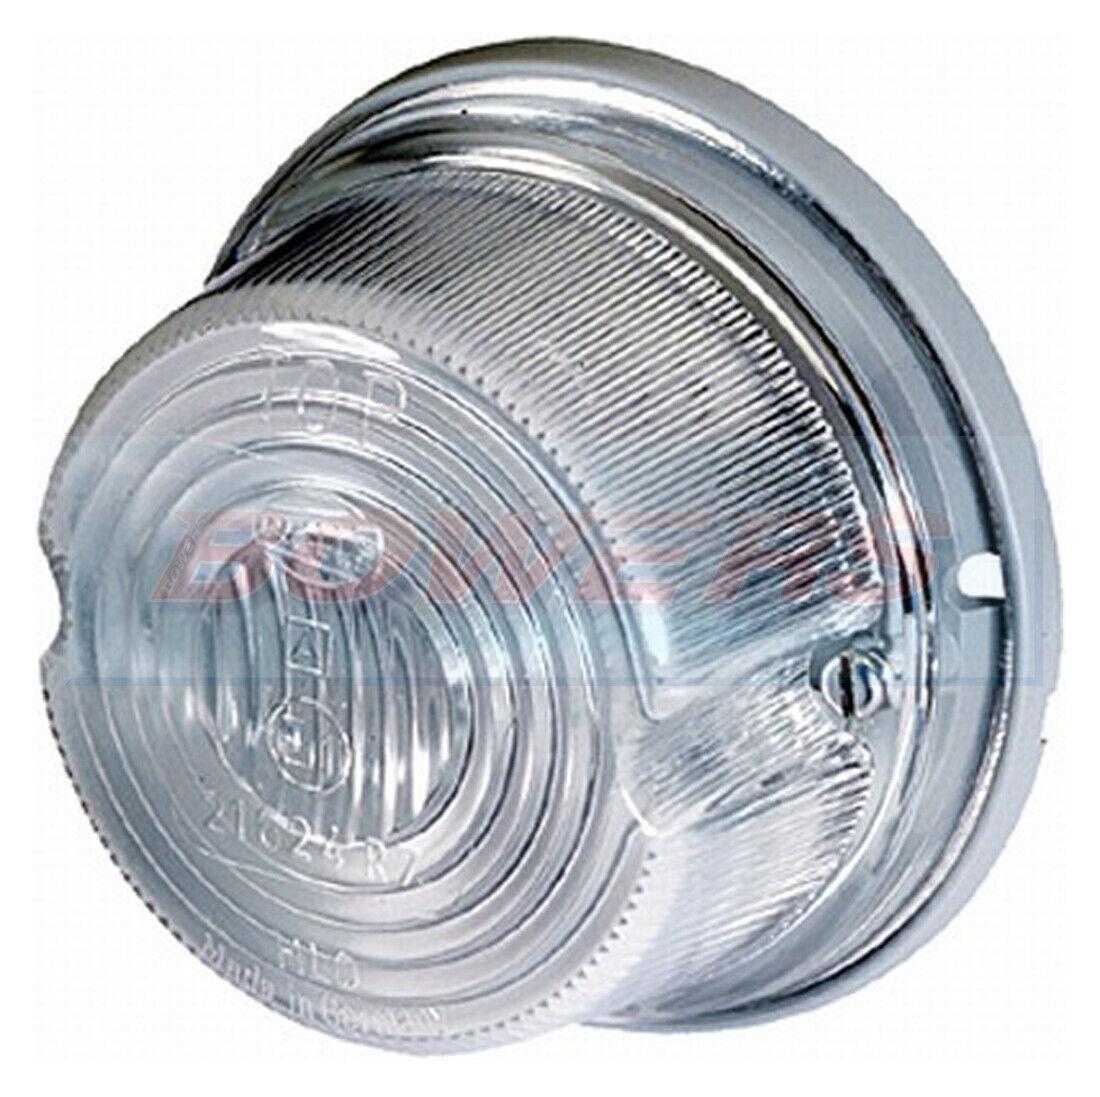 JOKON PLR60 11.1023.000 60mm ROUND LED WHITE FRONT REFLECTOR MARKER LIGHT LAMP